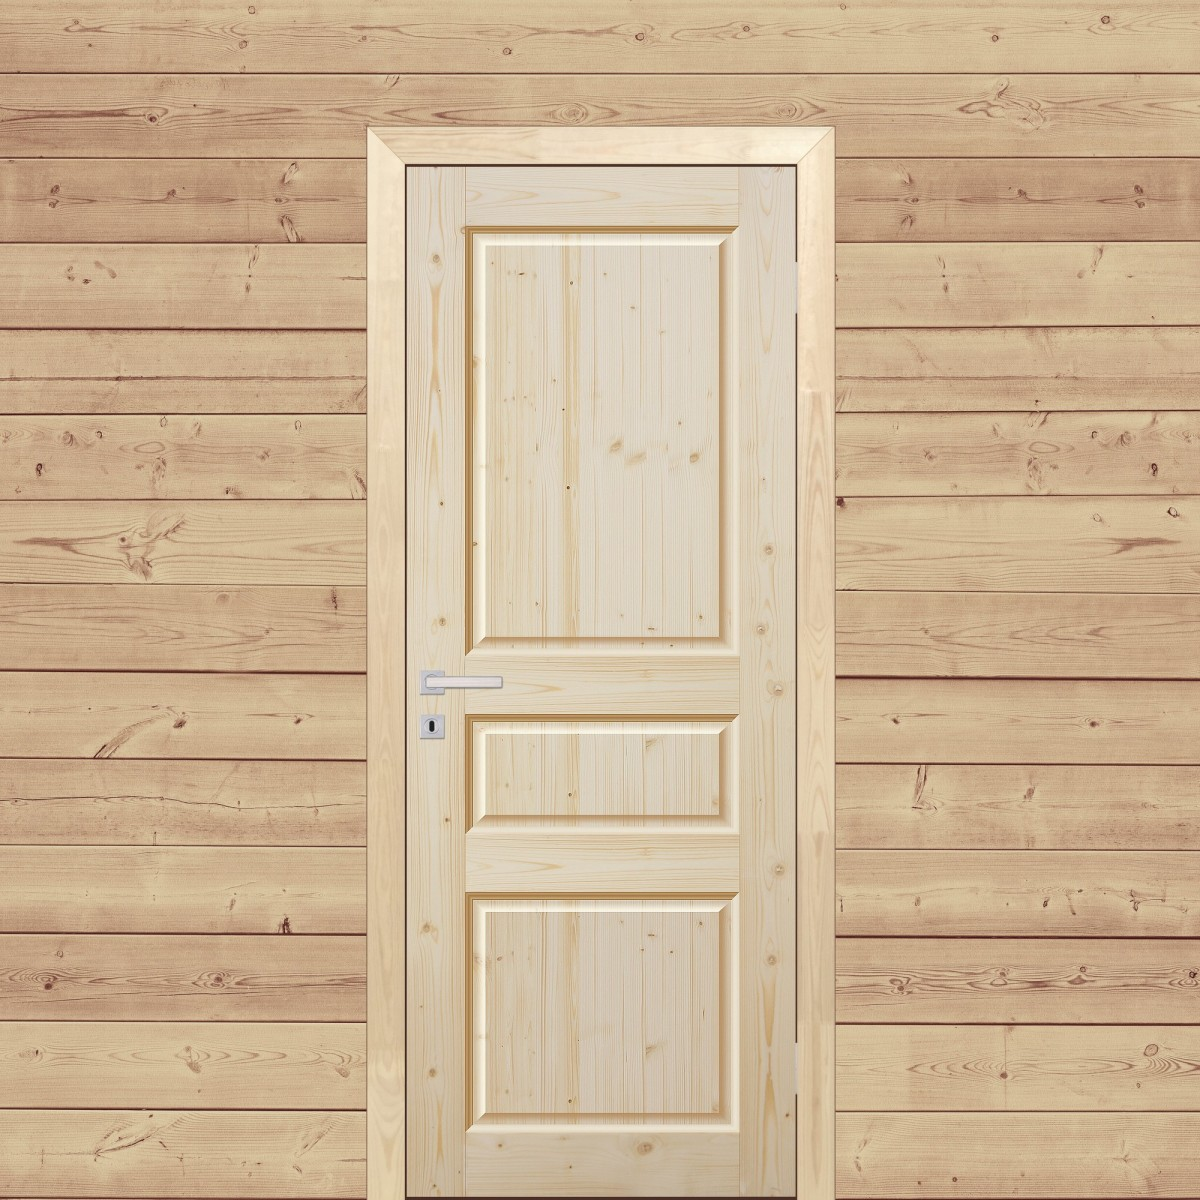 Дверь Межкомнатная Глухая 80x200 Трехфиленчатый Массив Хвои Цвет Натуральный